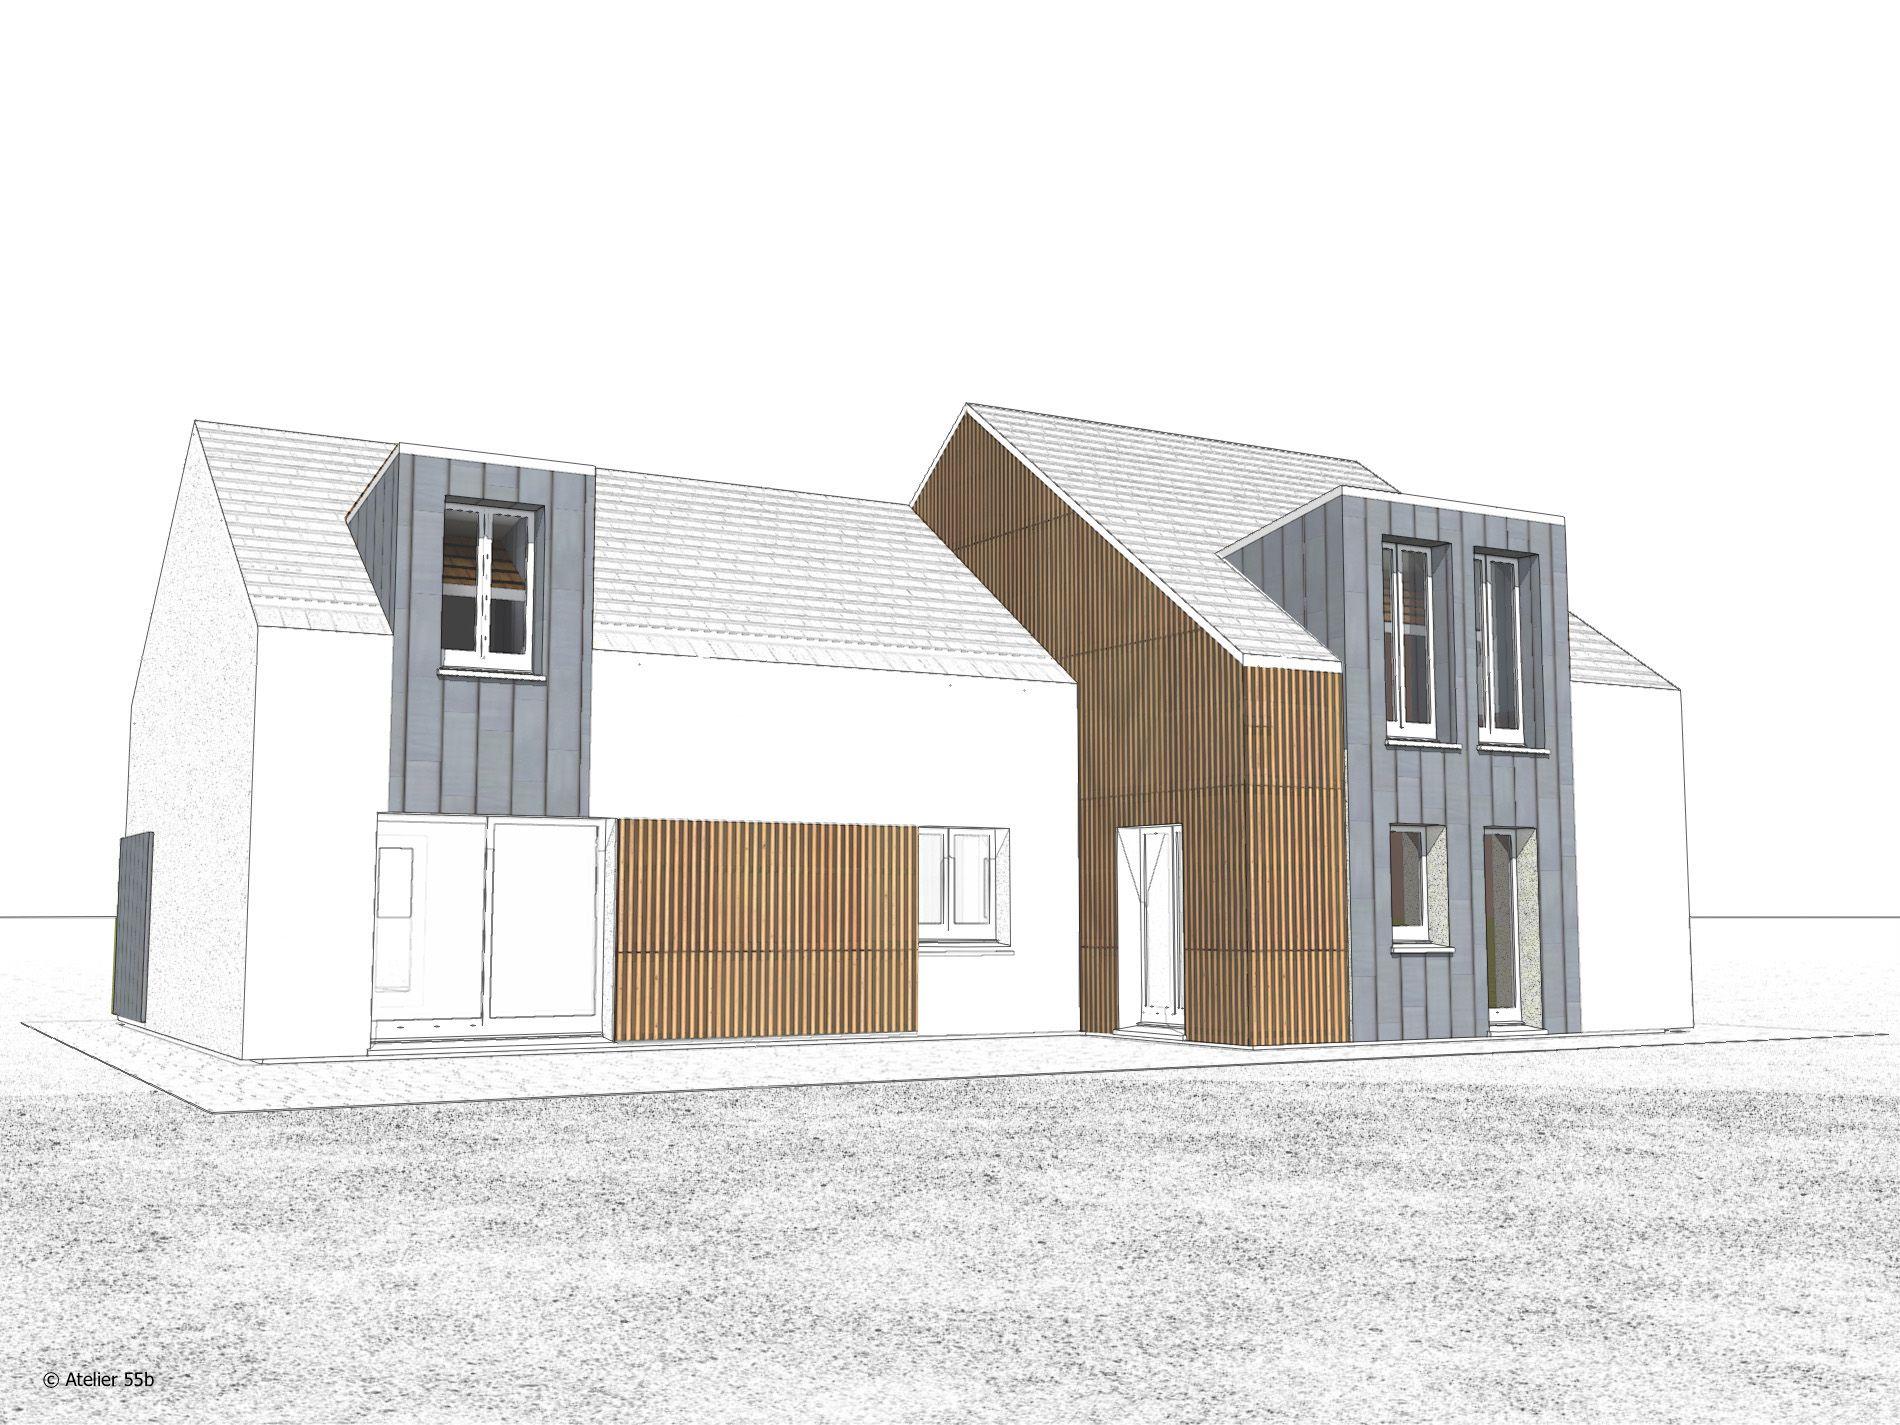 fa ade arri re projet e avec bardage bois claire voie et. Black Bedroom Furniture Sets. Home Design Ideas